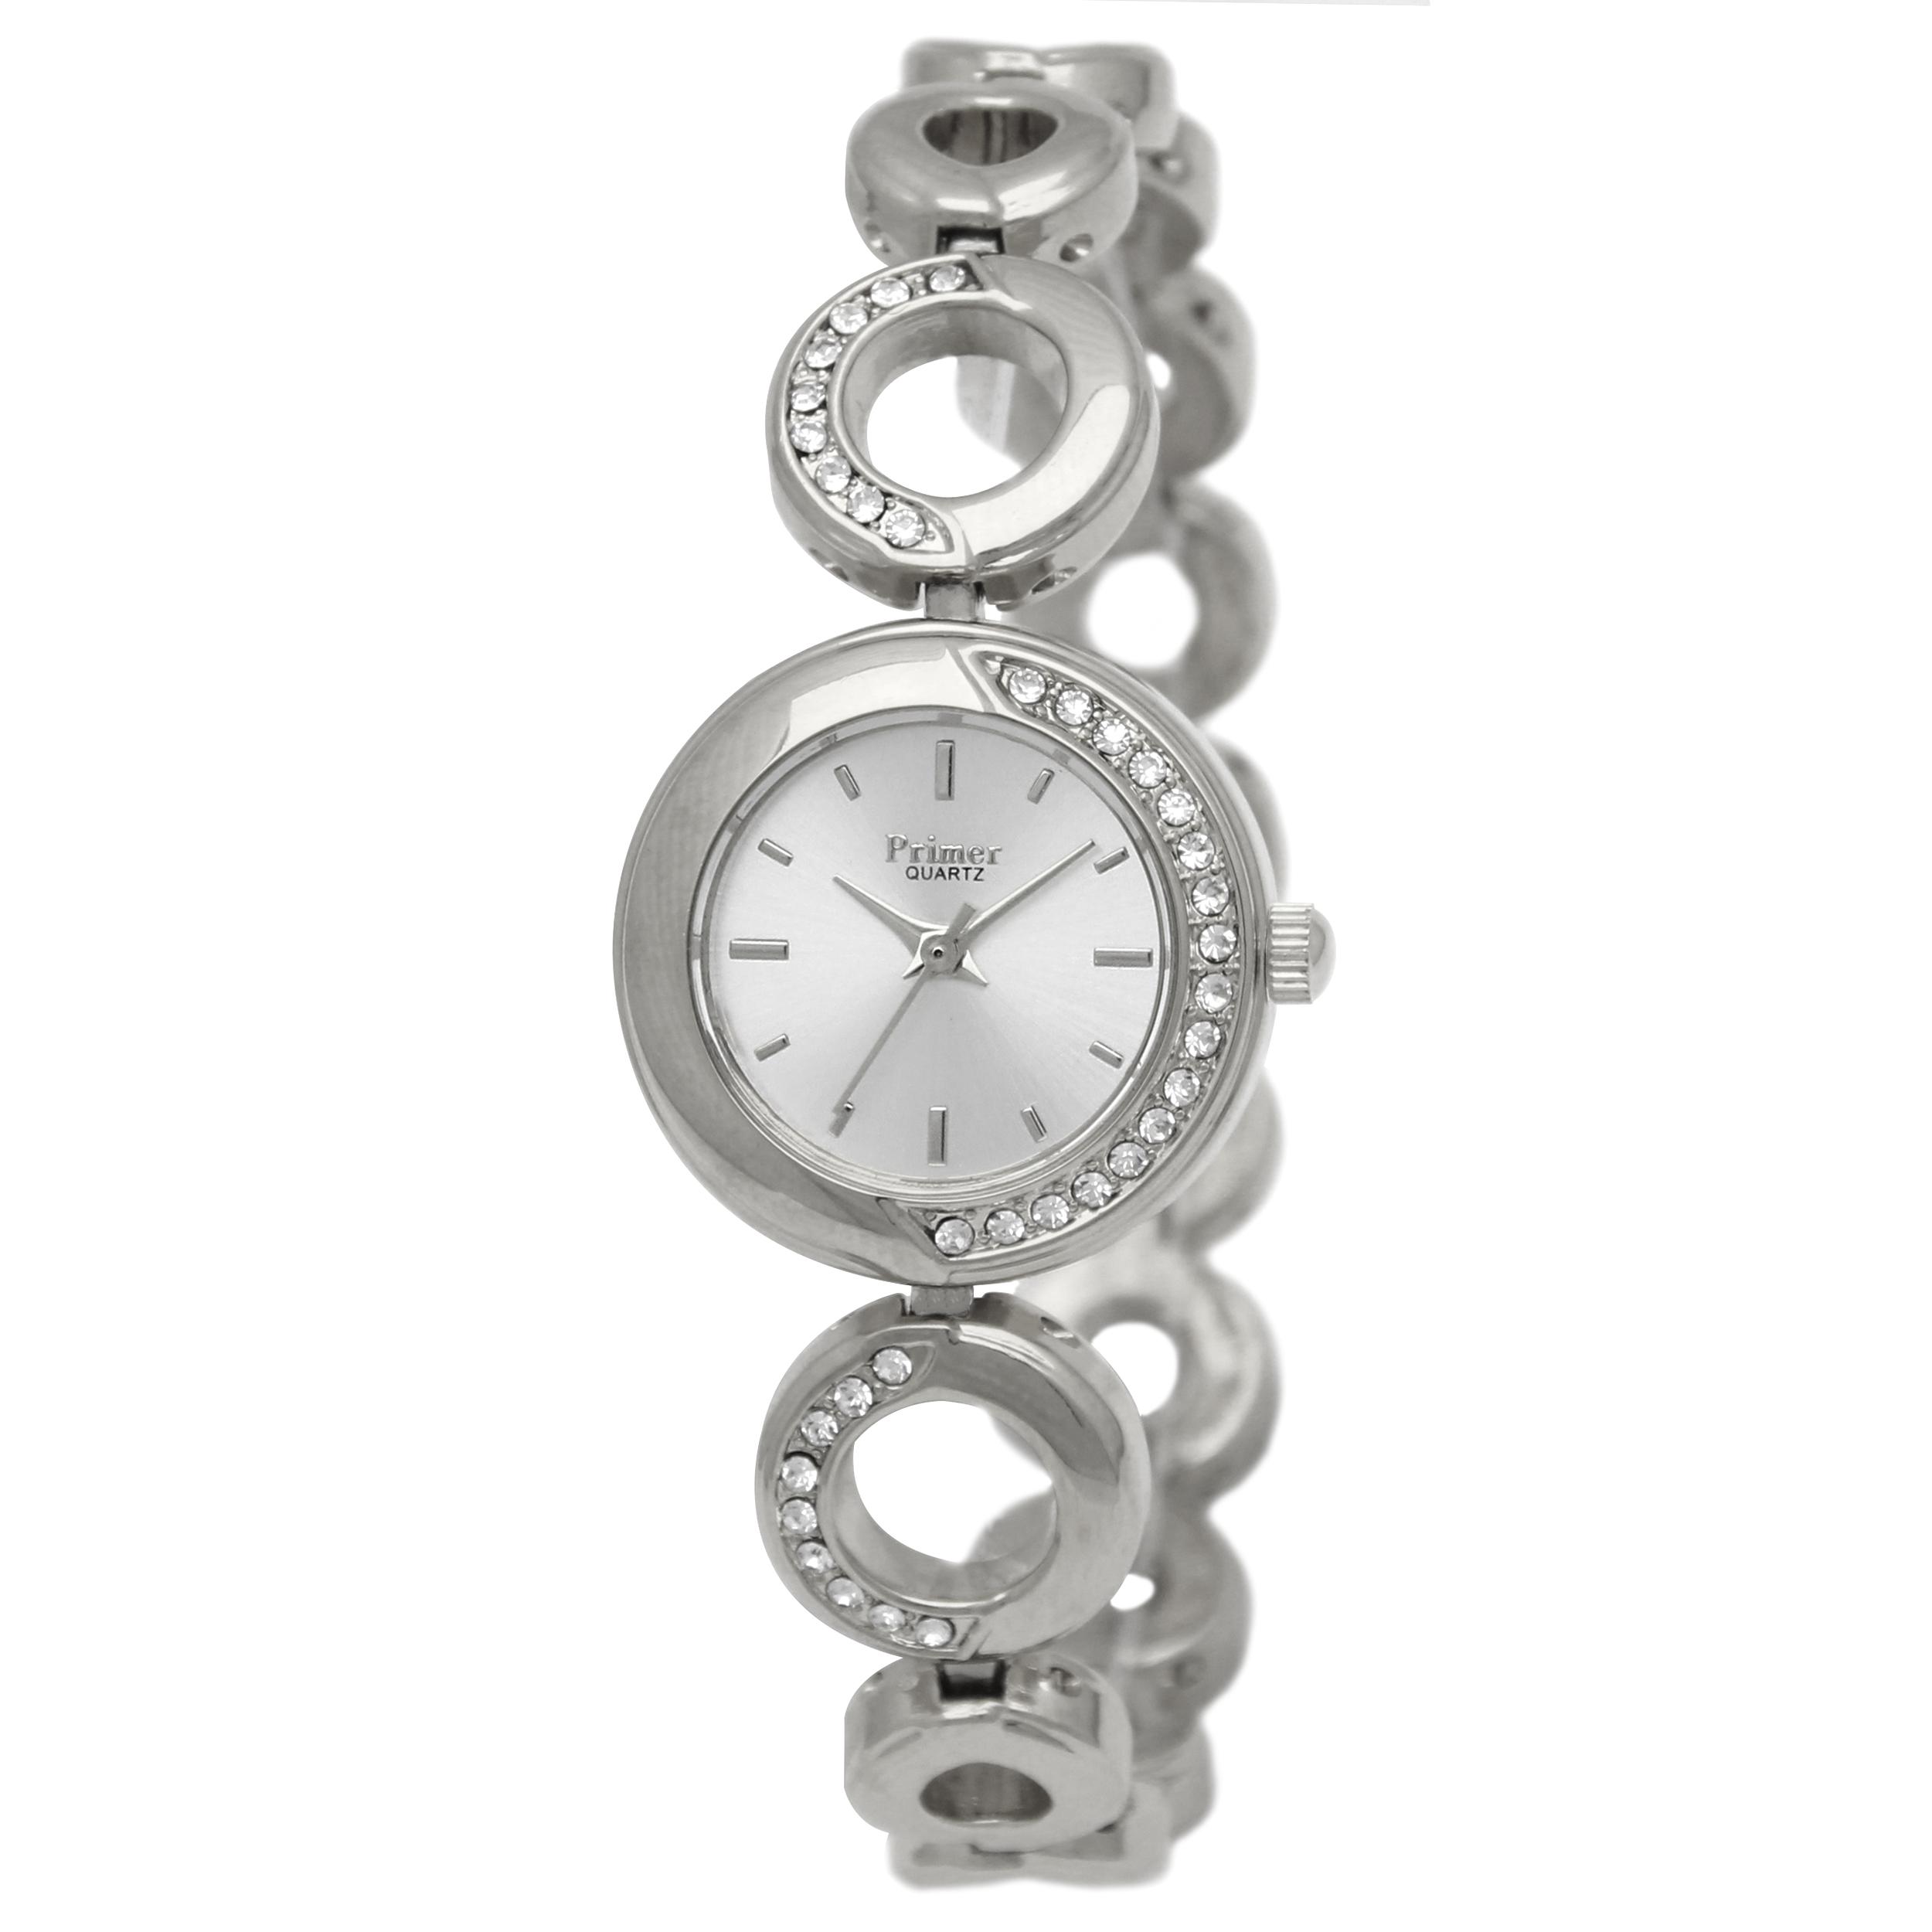 ساعت زنانه برند پرایمر مدل GR-022-SS